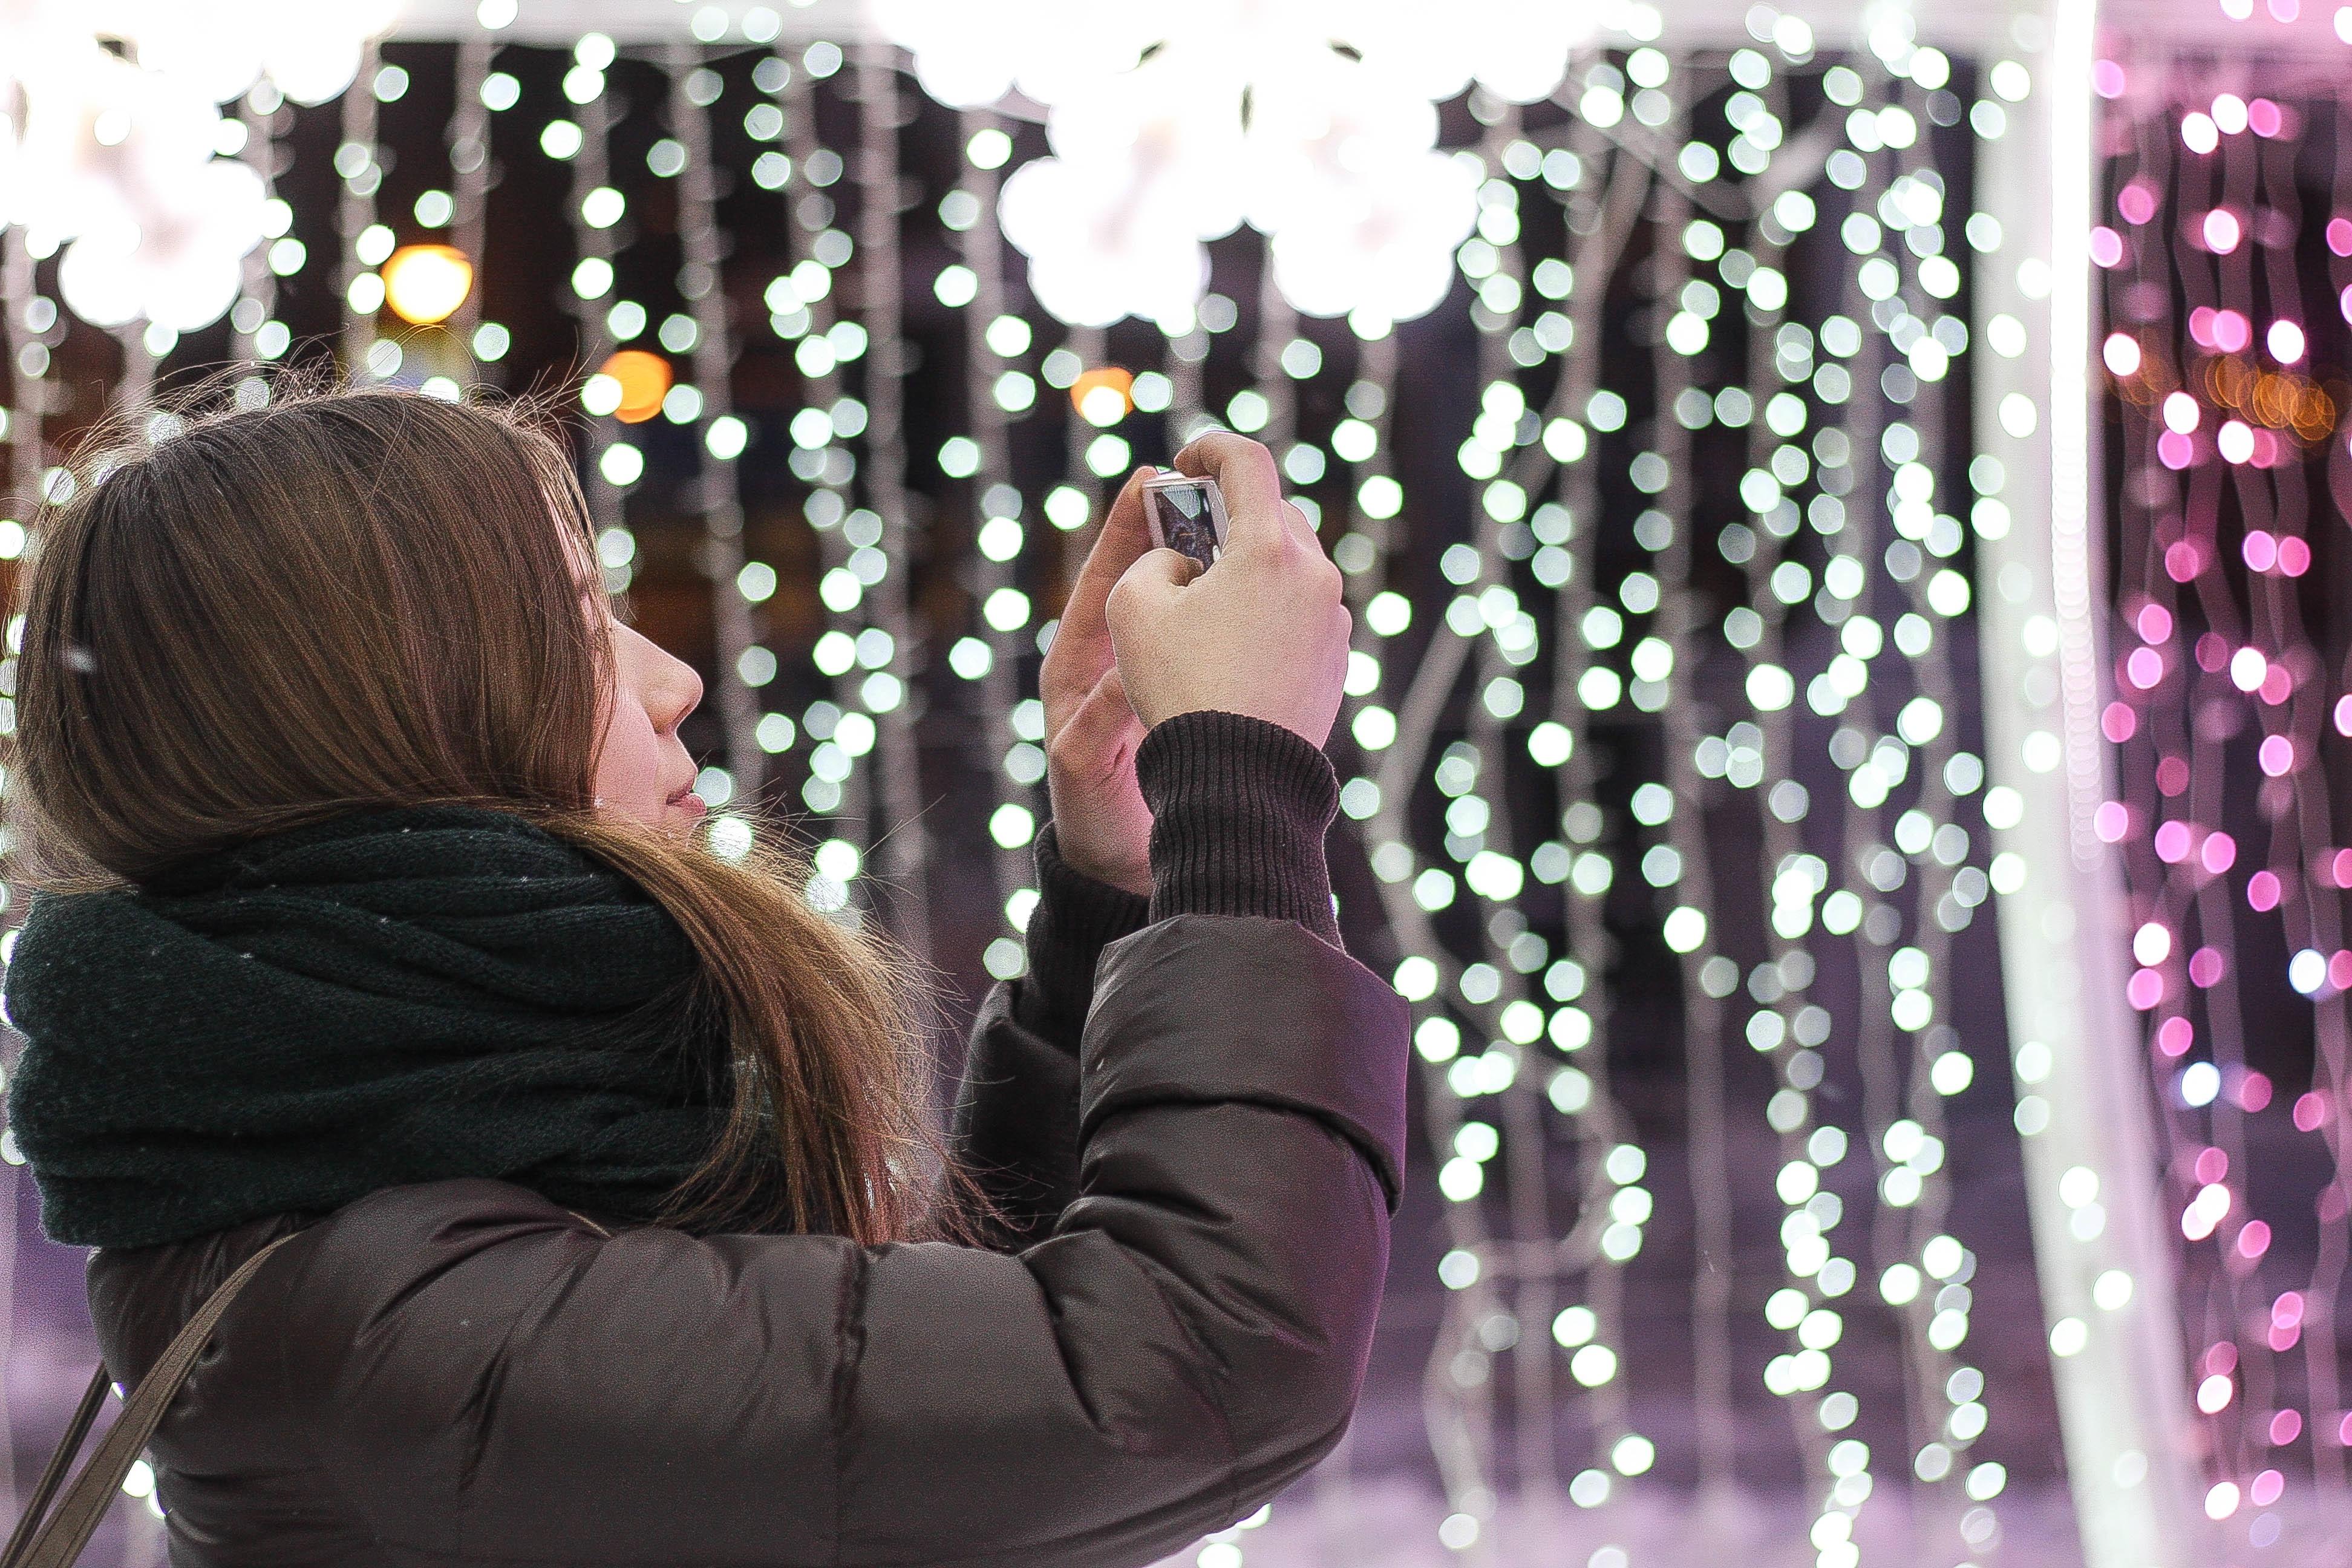 Selfie, Season, Santa, Tree, Winter, HQ Photo